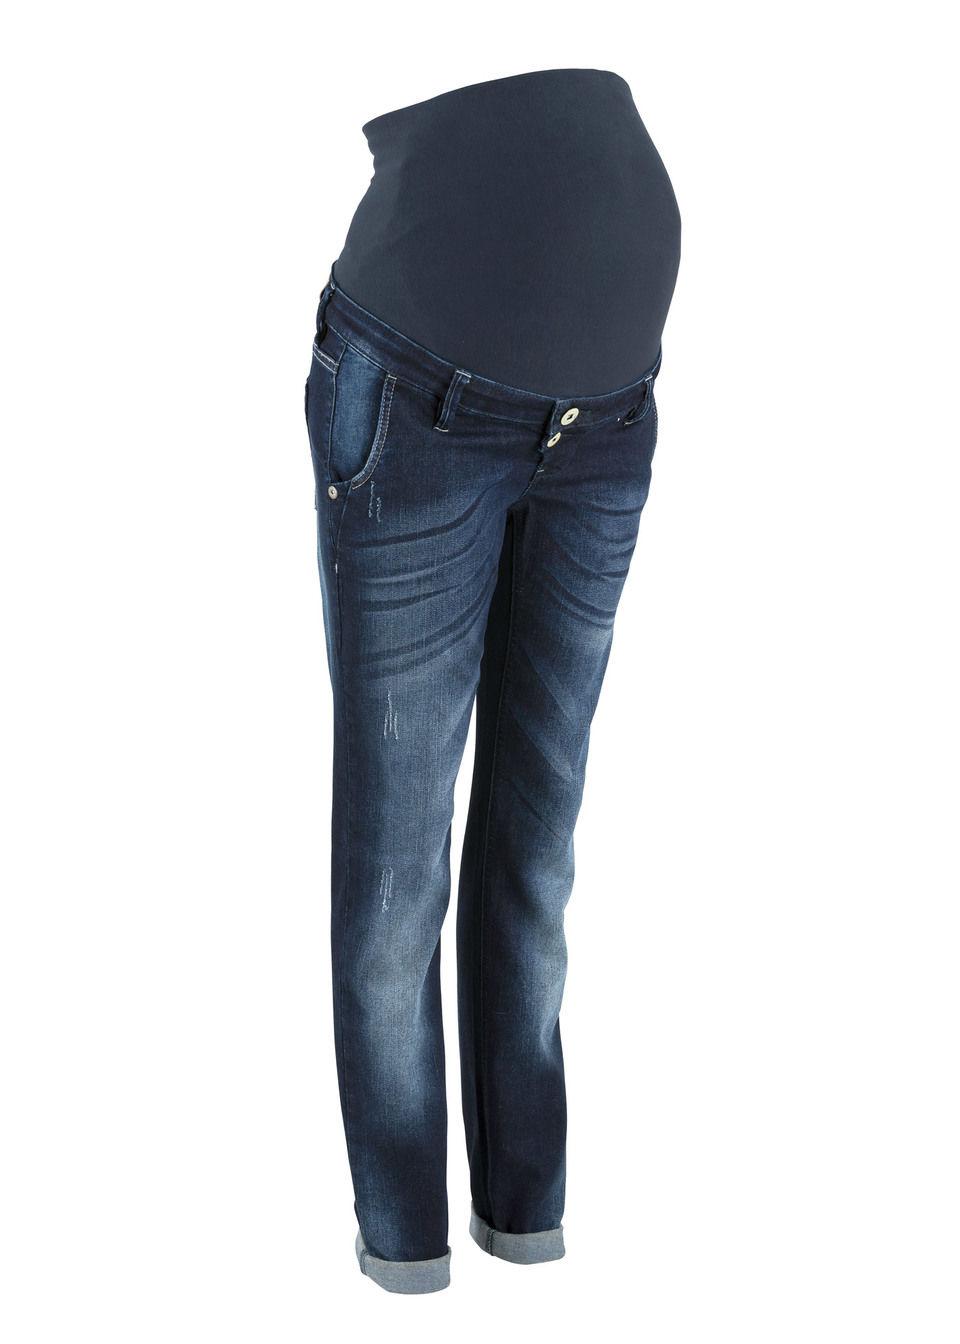 Для будущих мам: джинсы в стиле «бойфренд» с брючинами зауженного покроя